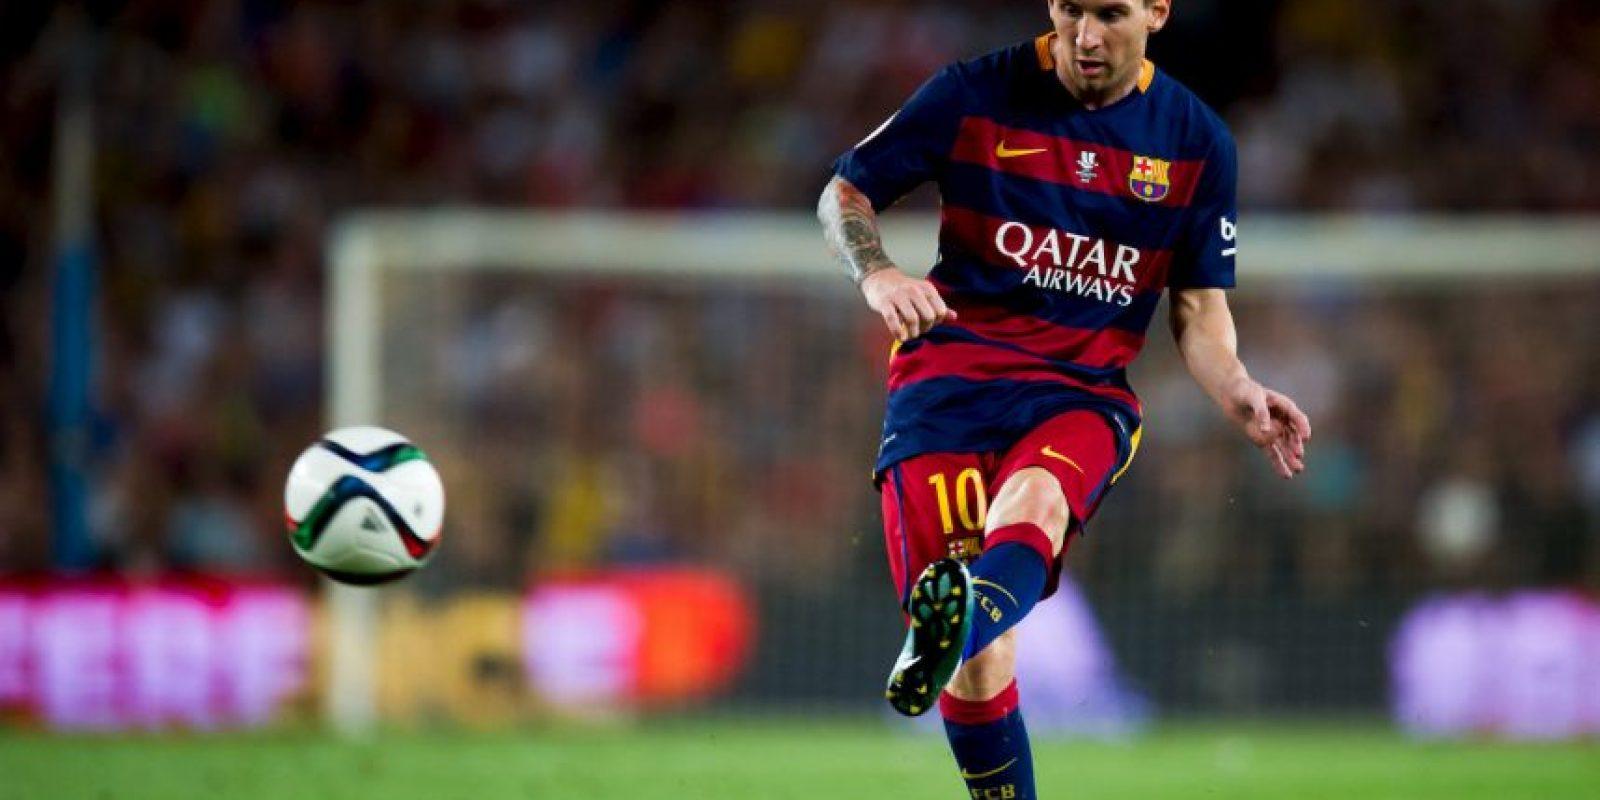 El año pasado se llevó la Liga, la Copa del Rey y la Champions Foto:Getty Images